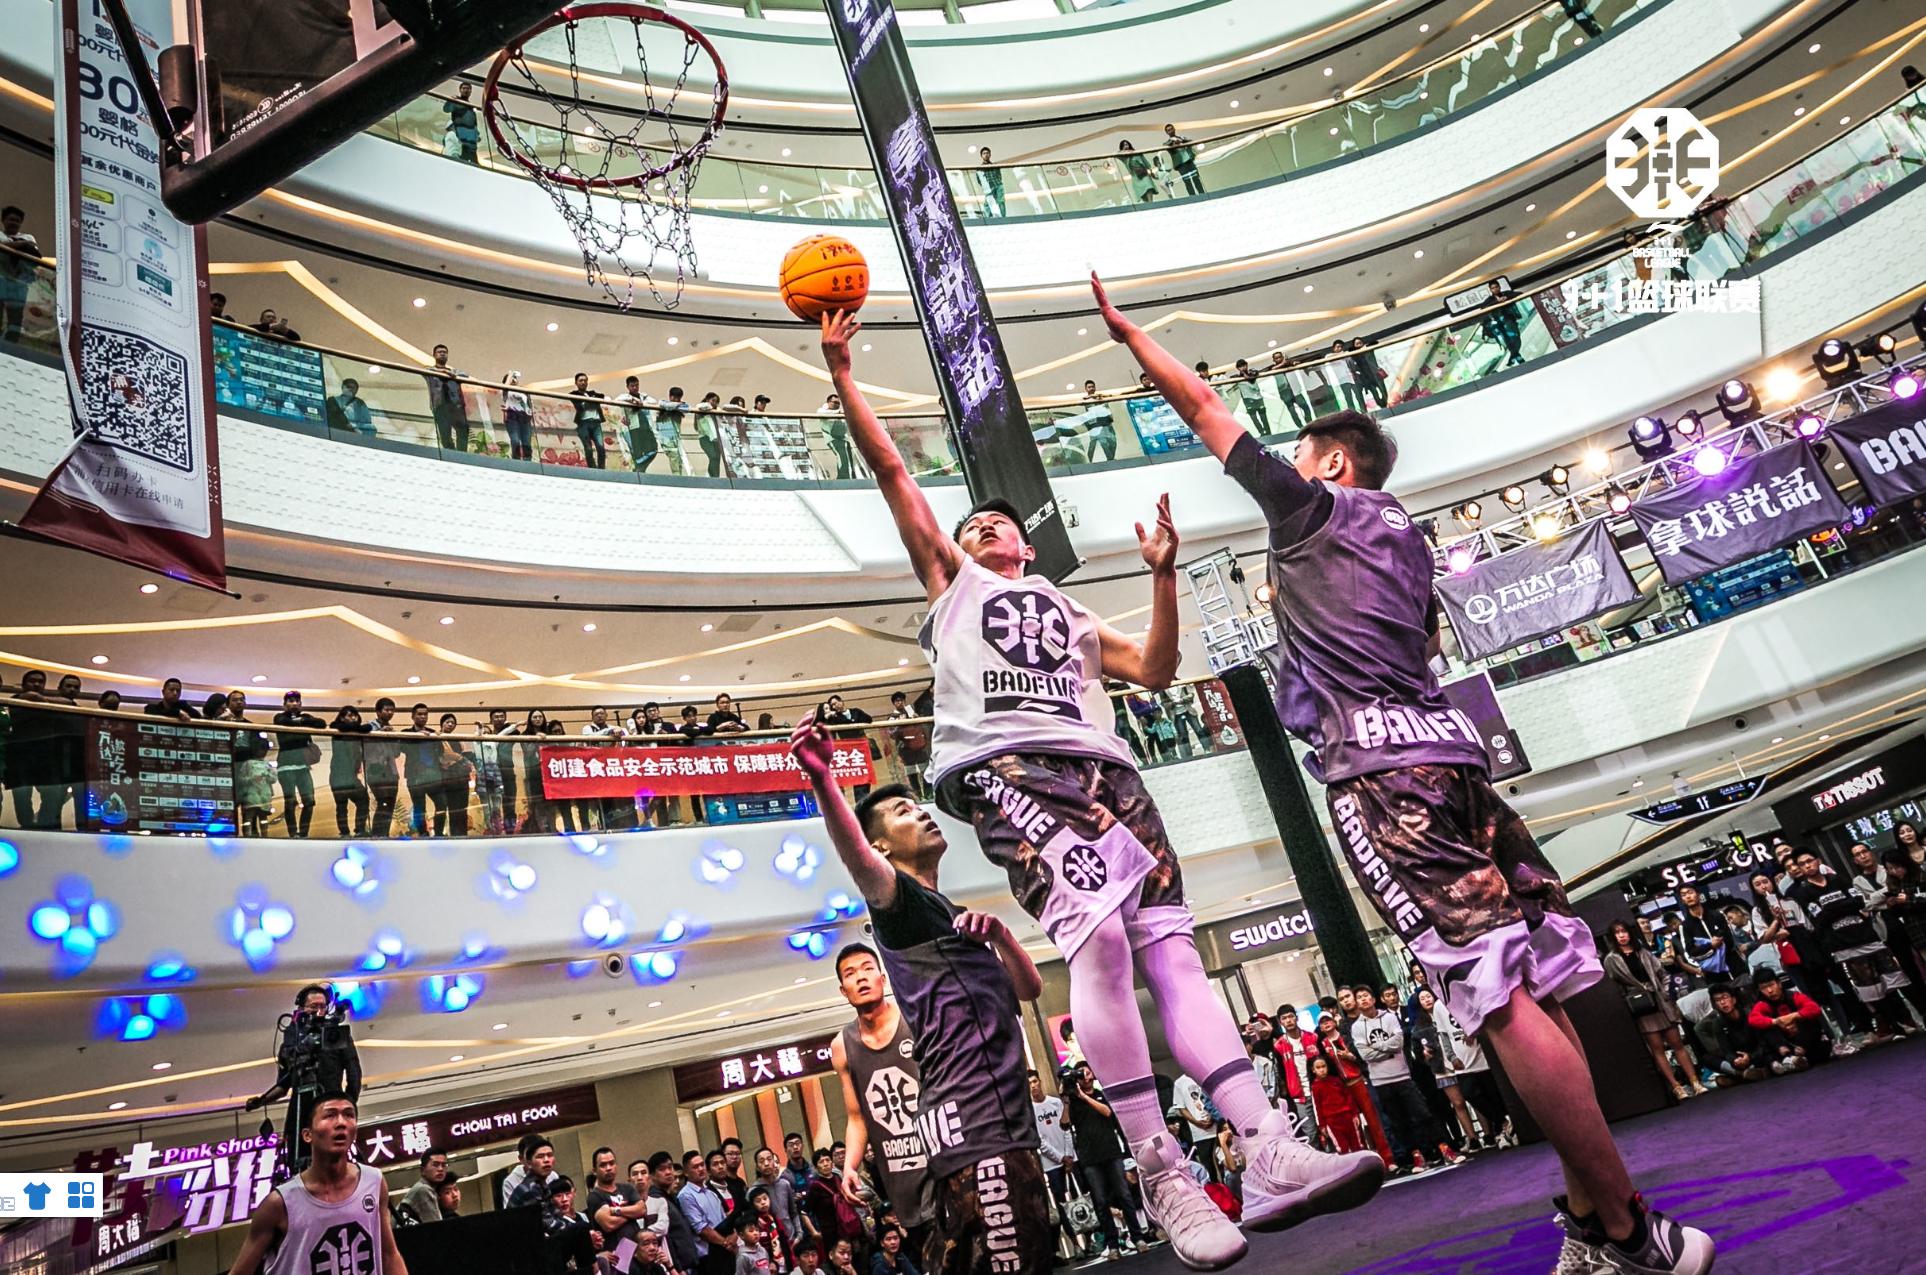 万达广场携手李宁开展3+1篮球系列赛